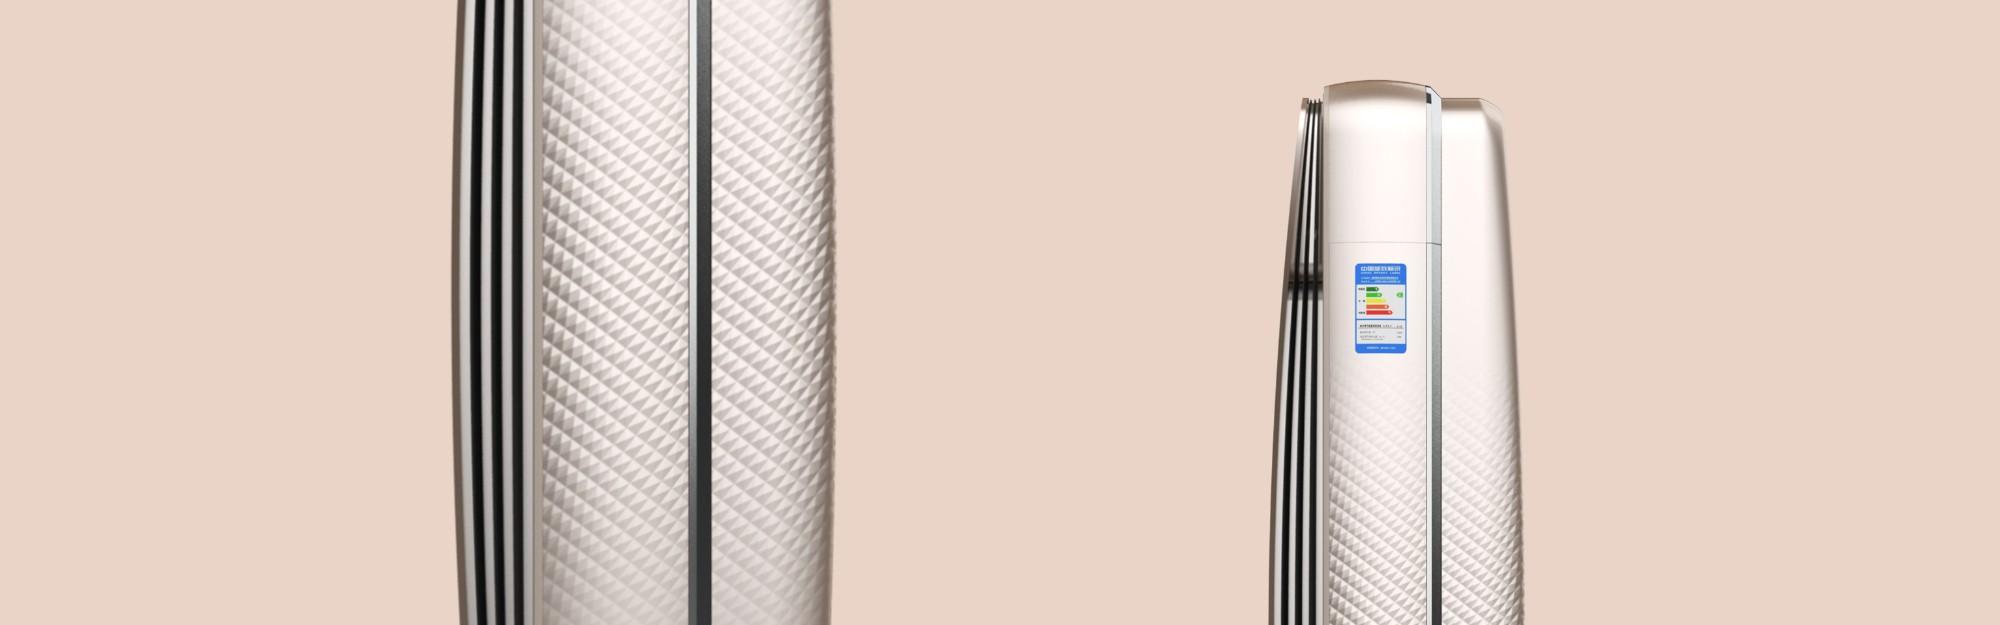 柜式空调设计 家用电器类设计 产品设计 外观设计